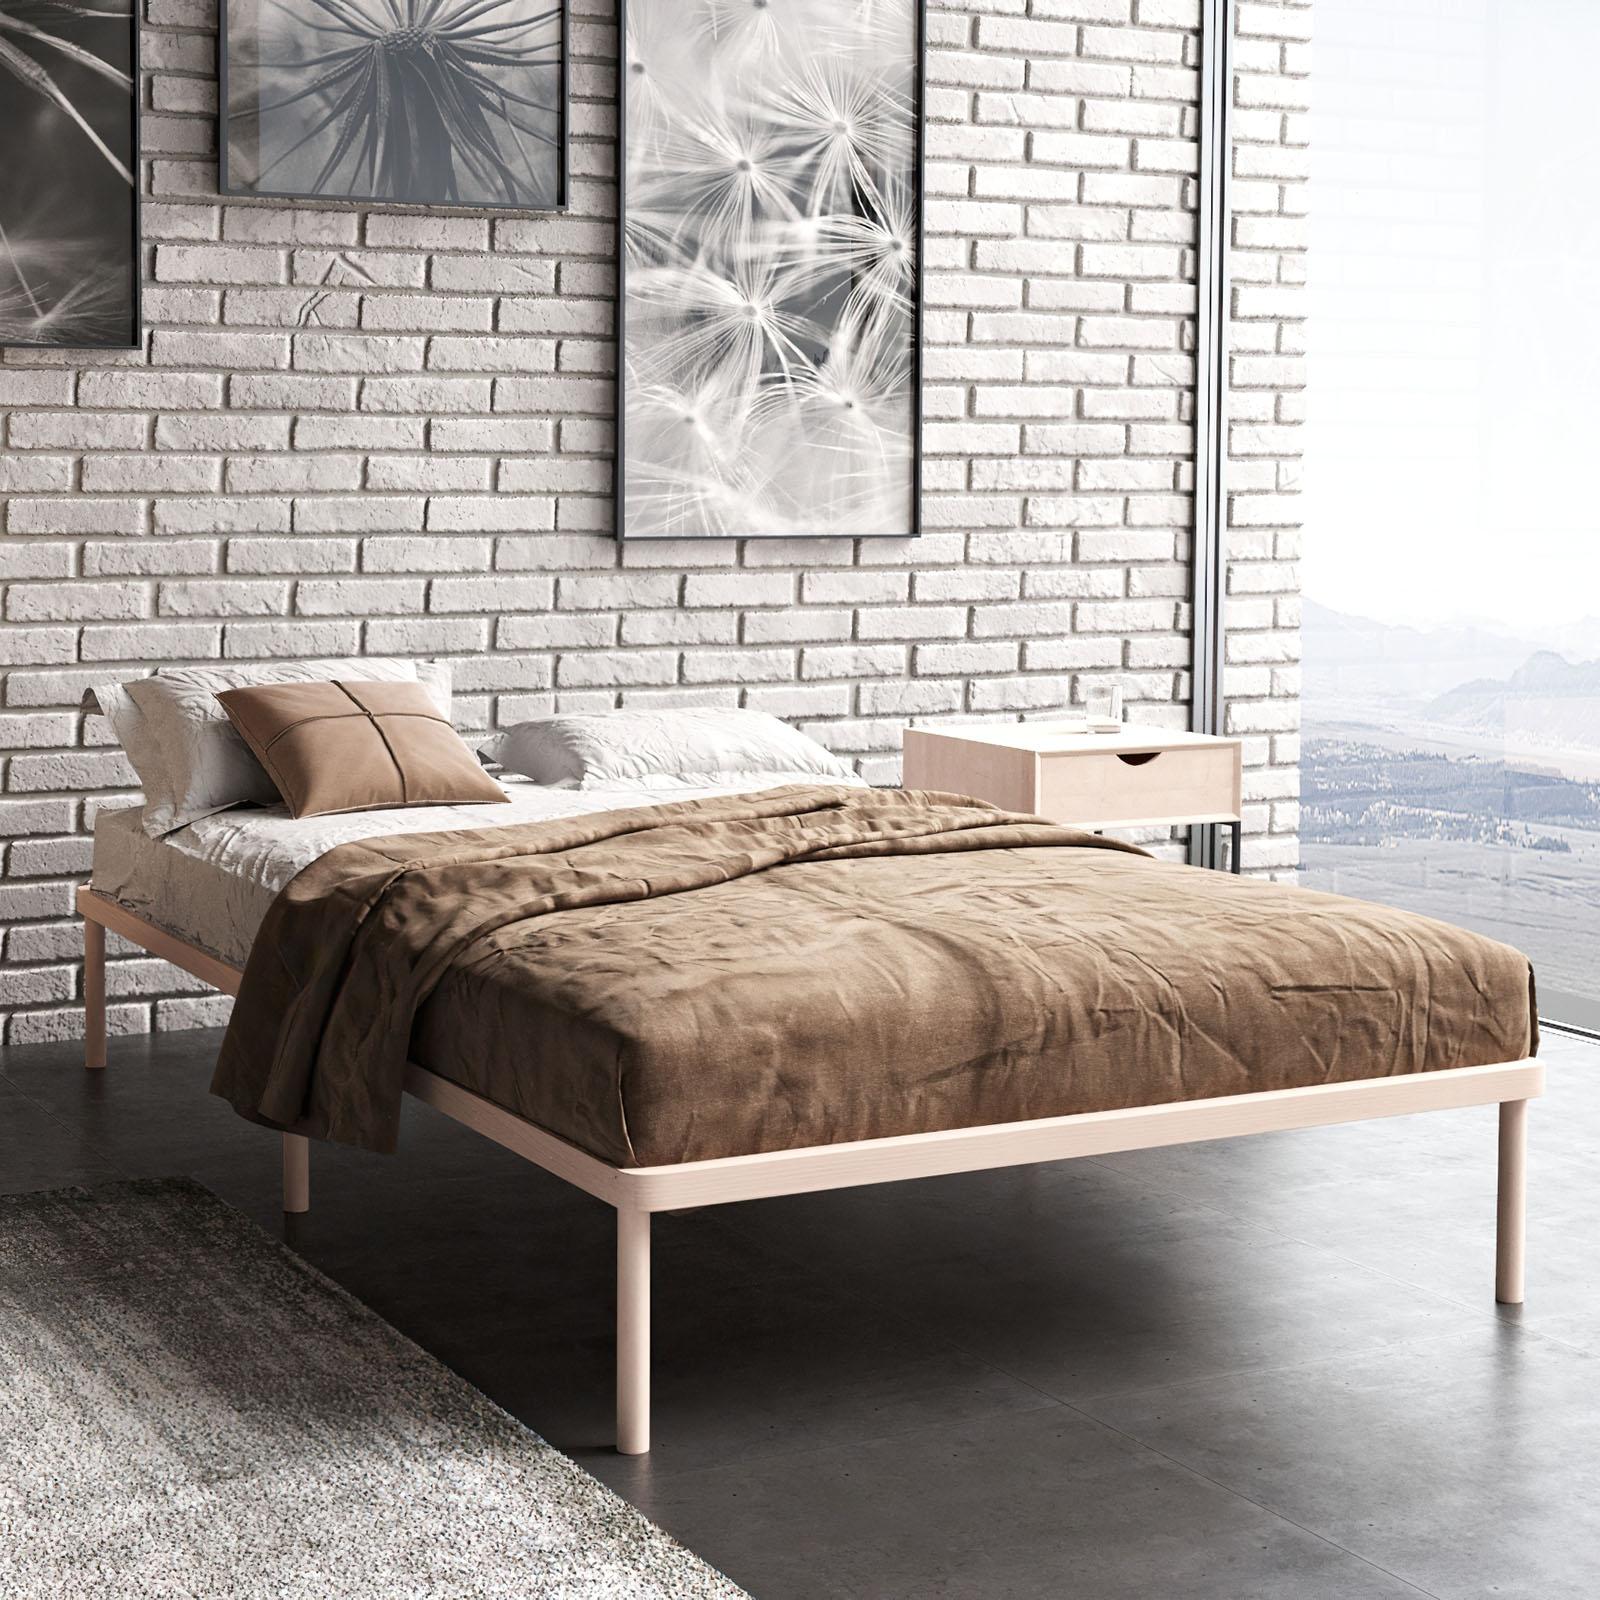 Односпальная кровать Light Sleep 80x200 см